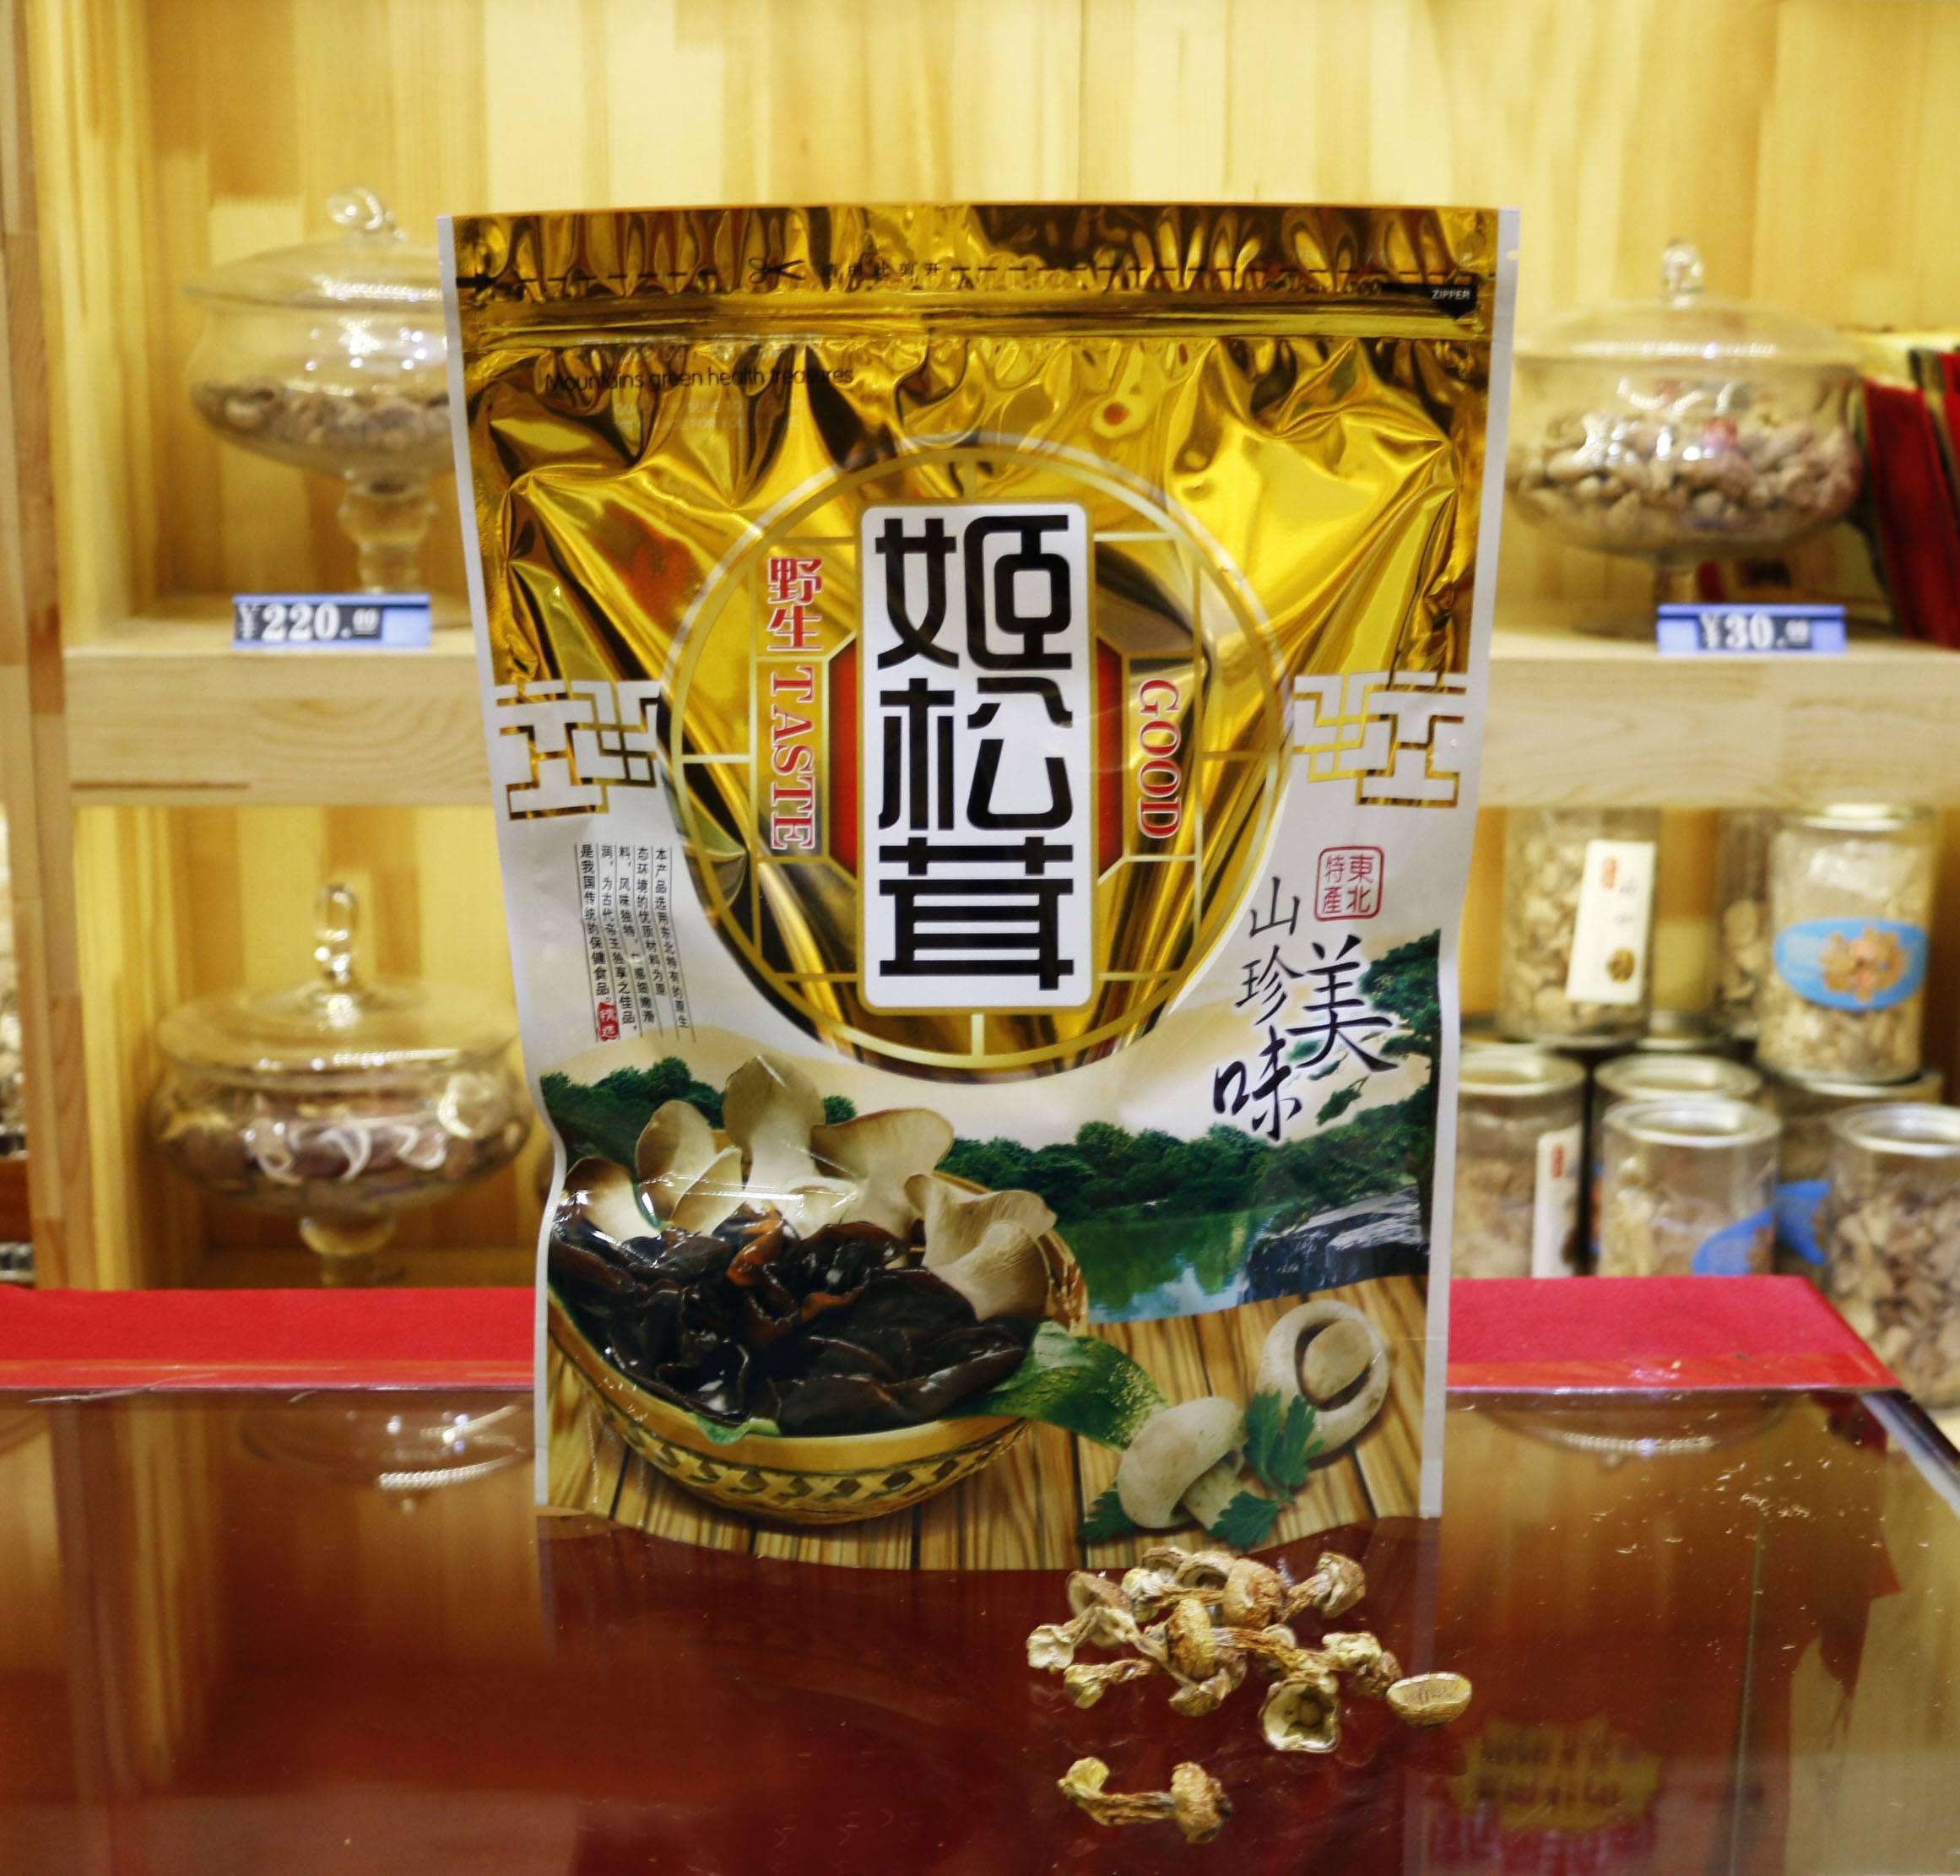 特级 姬松茸 250克 味道香浓 鸡腿菇姬松菇松蘑 干货煲汤材料